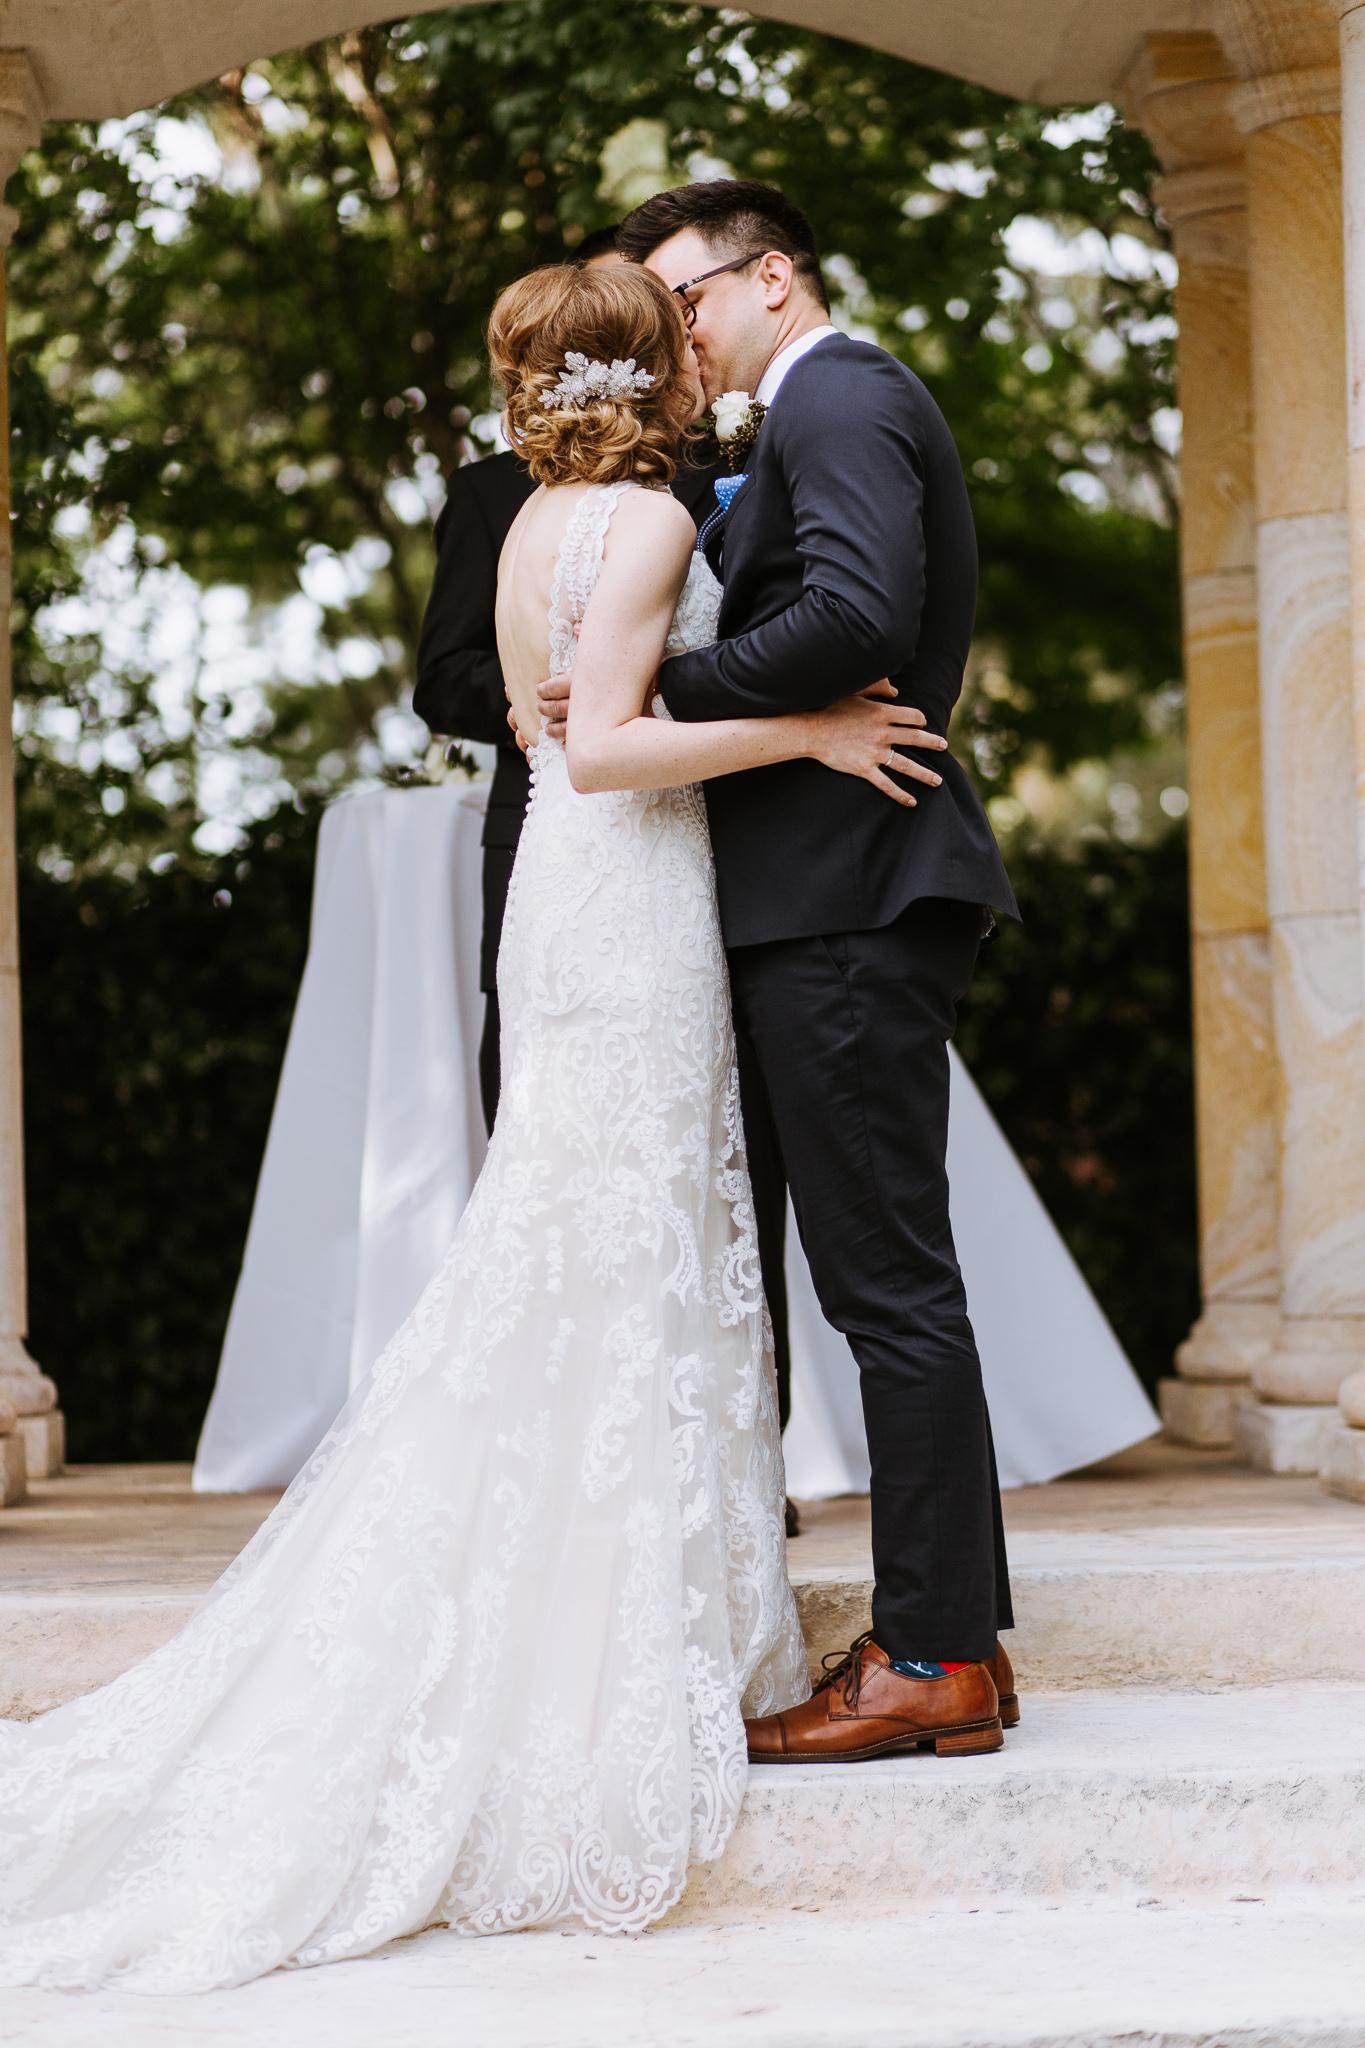 BayArea-Wedding-Photographer-46.jpg